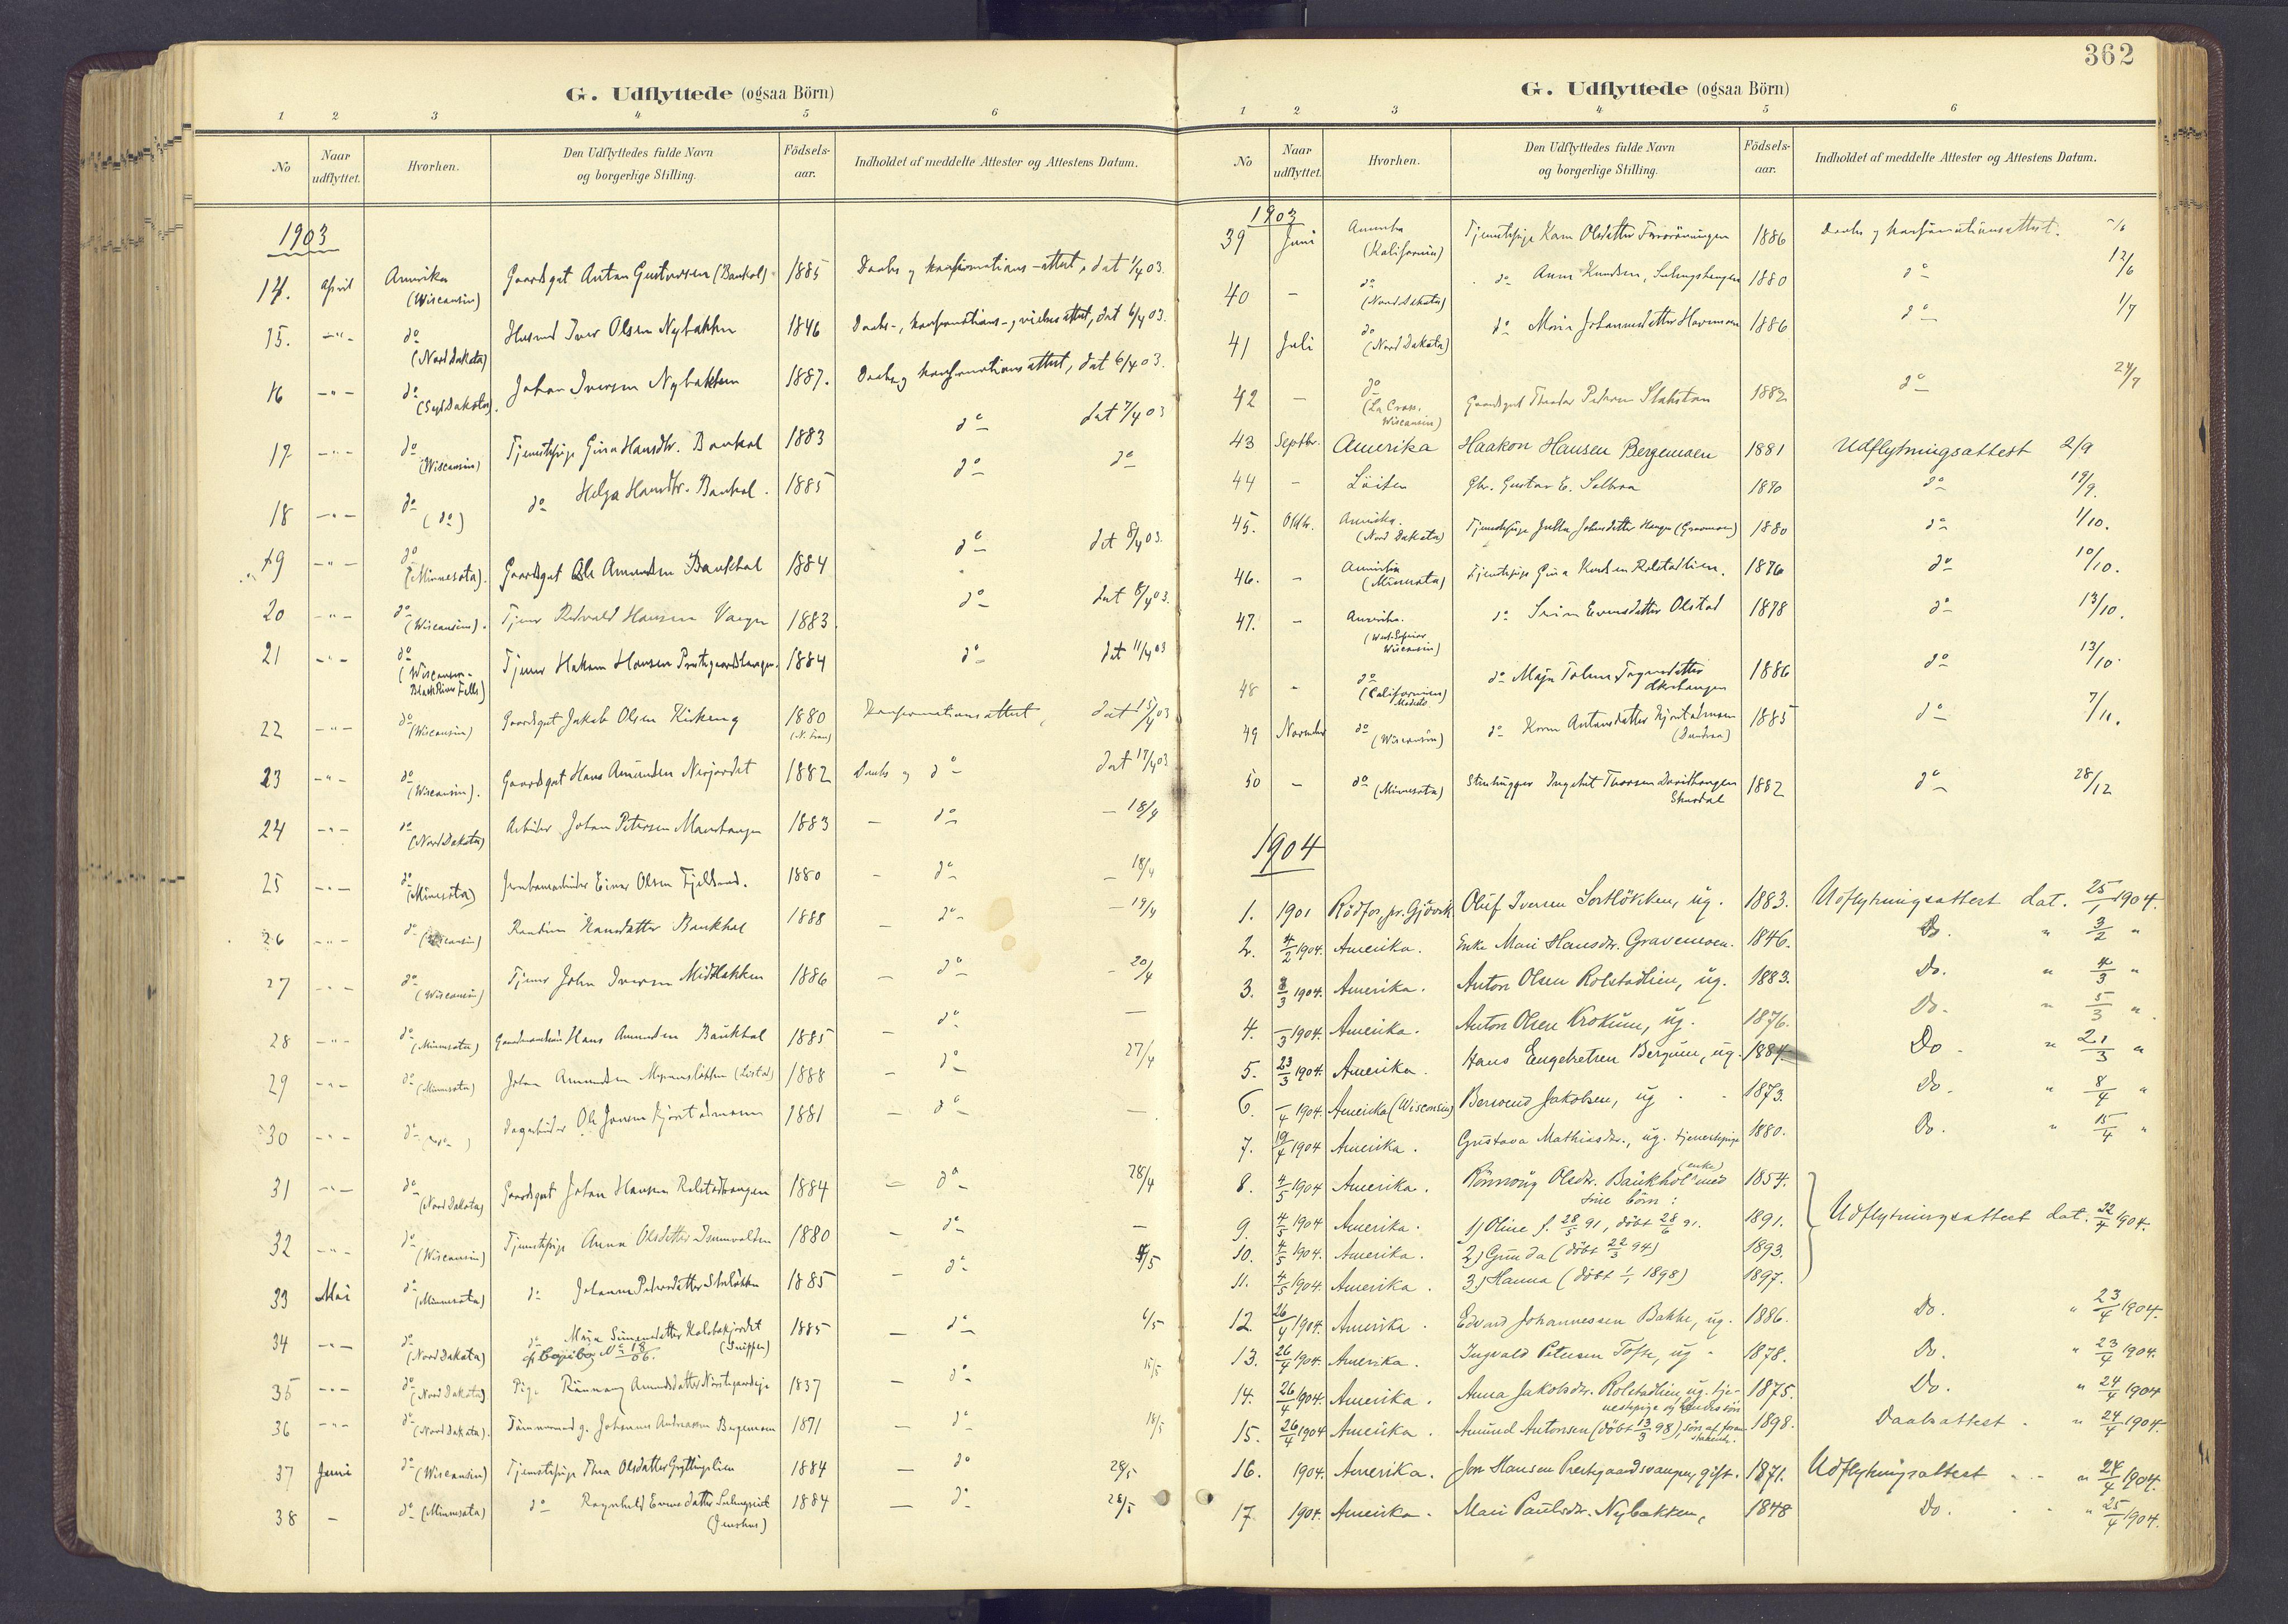 SAH, Sør-Fron prestekontor, H/Ha/Haa/L0004: Ministerialbok nr. 4, 1898-1919, s. 362